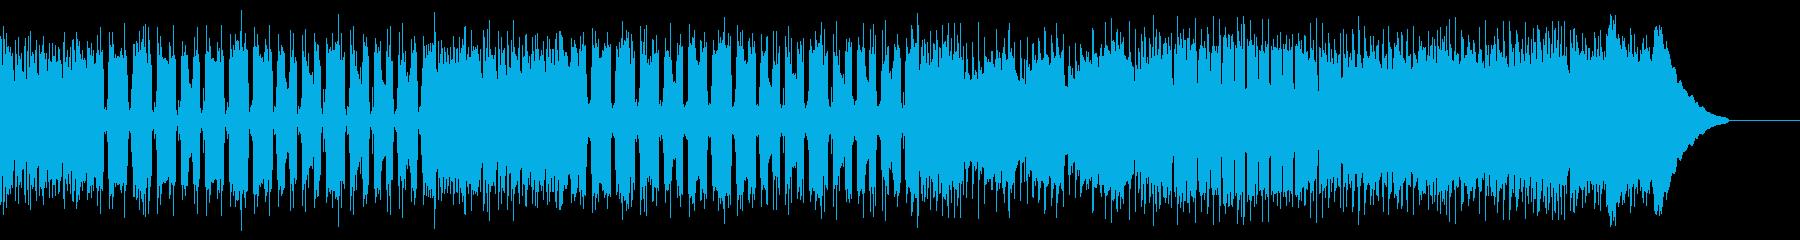 カントリー風マーチングギター01Dの再生済みの波形